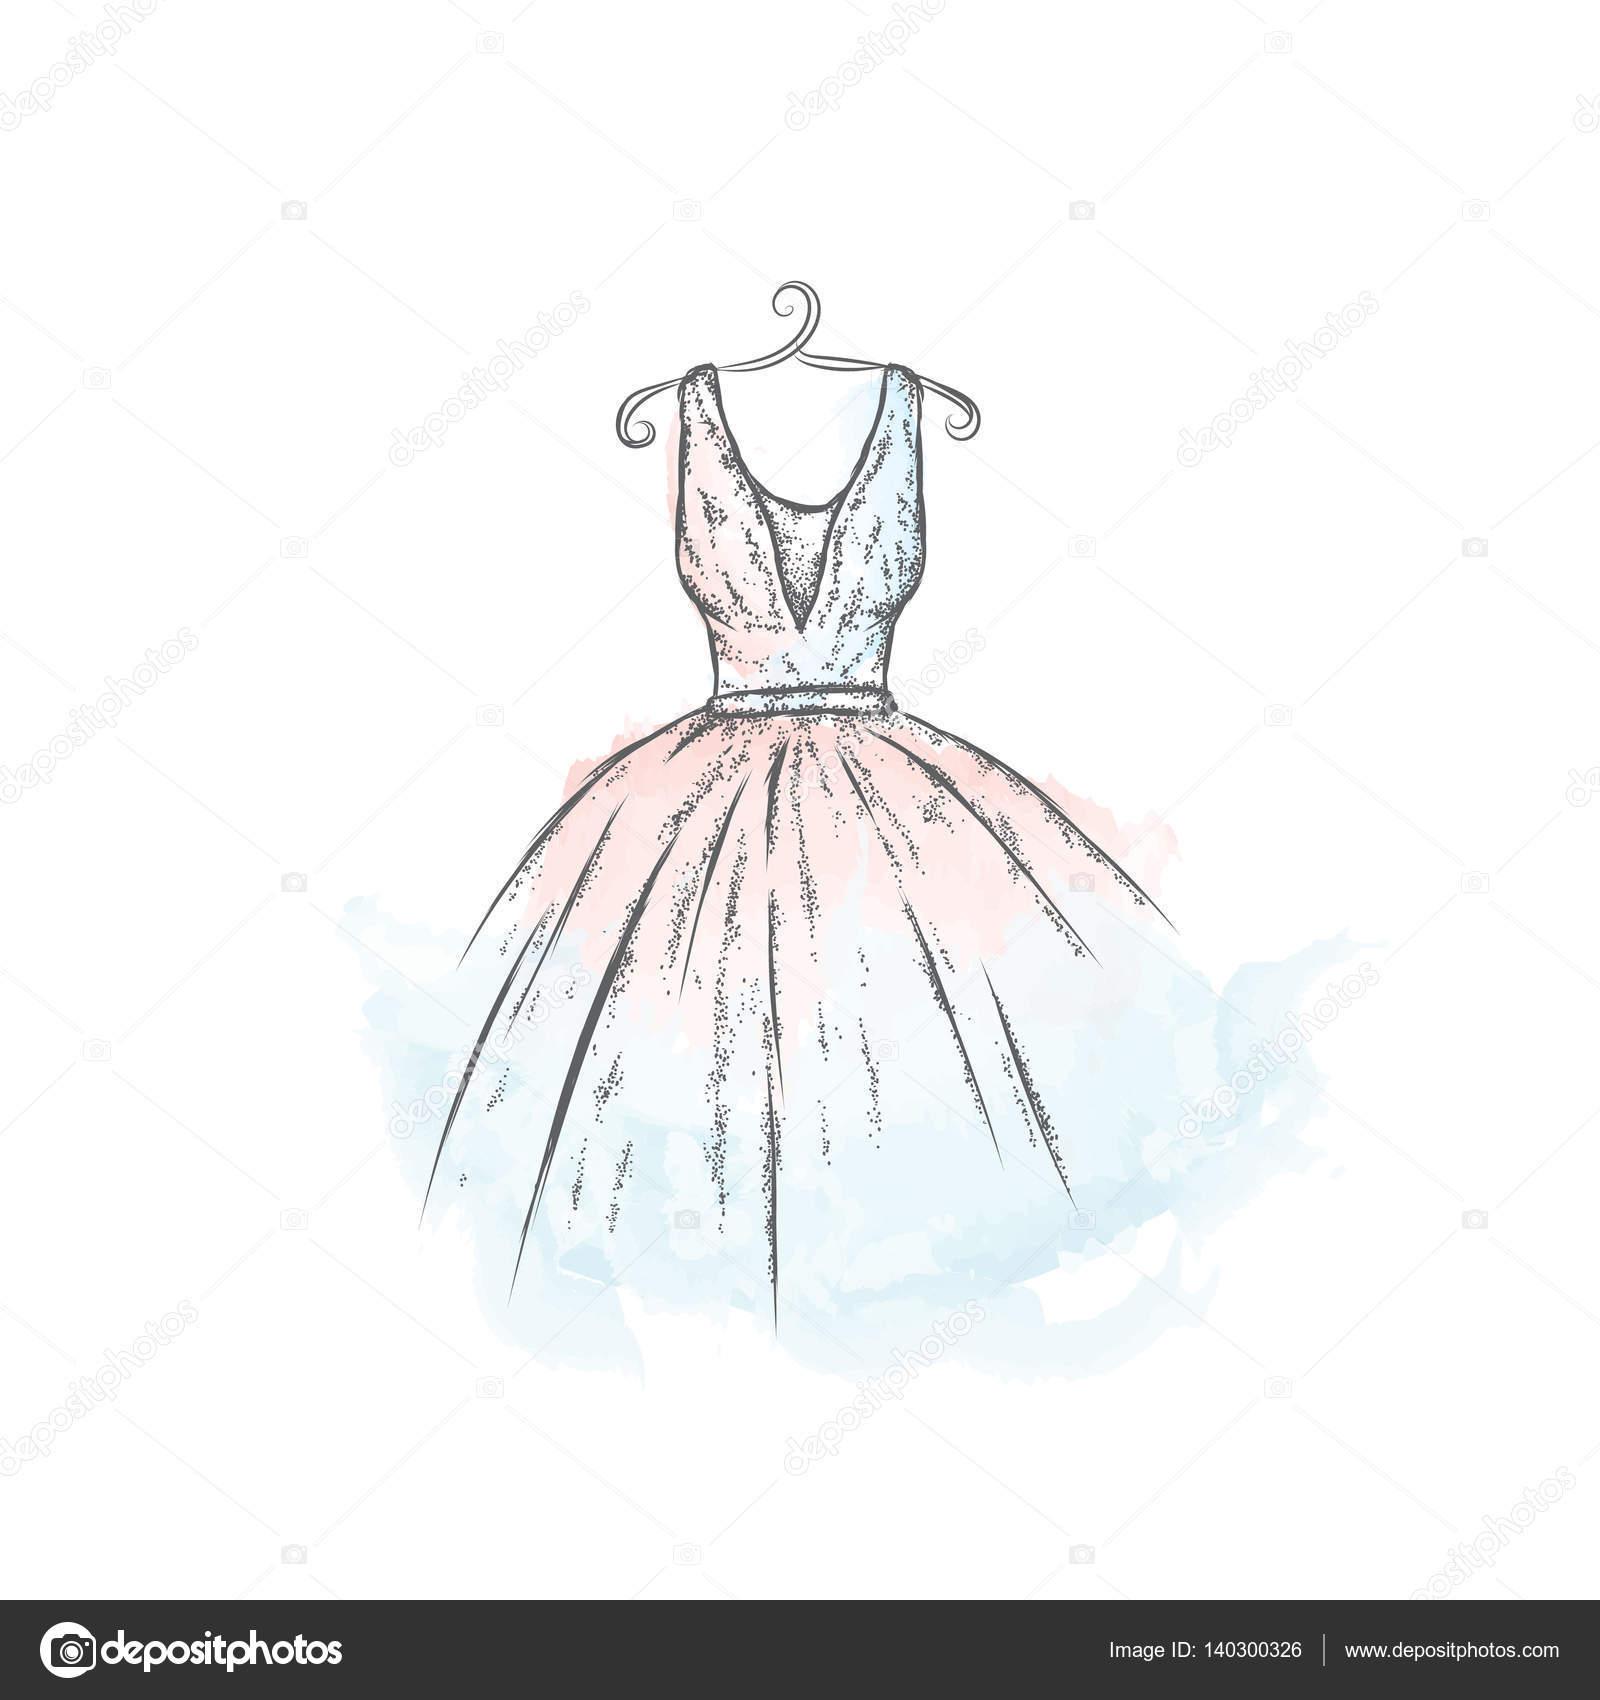 Dibujo Vestido Vintage Vestido En El Vector Ropa De